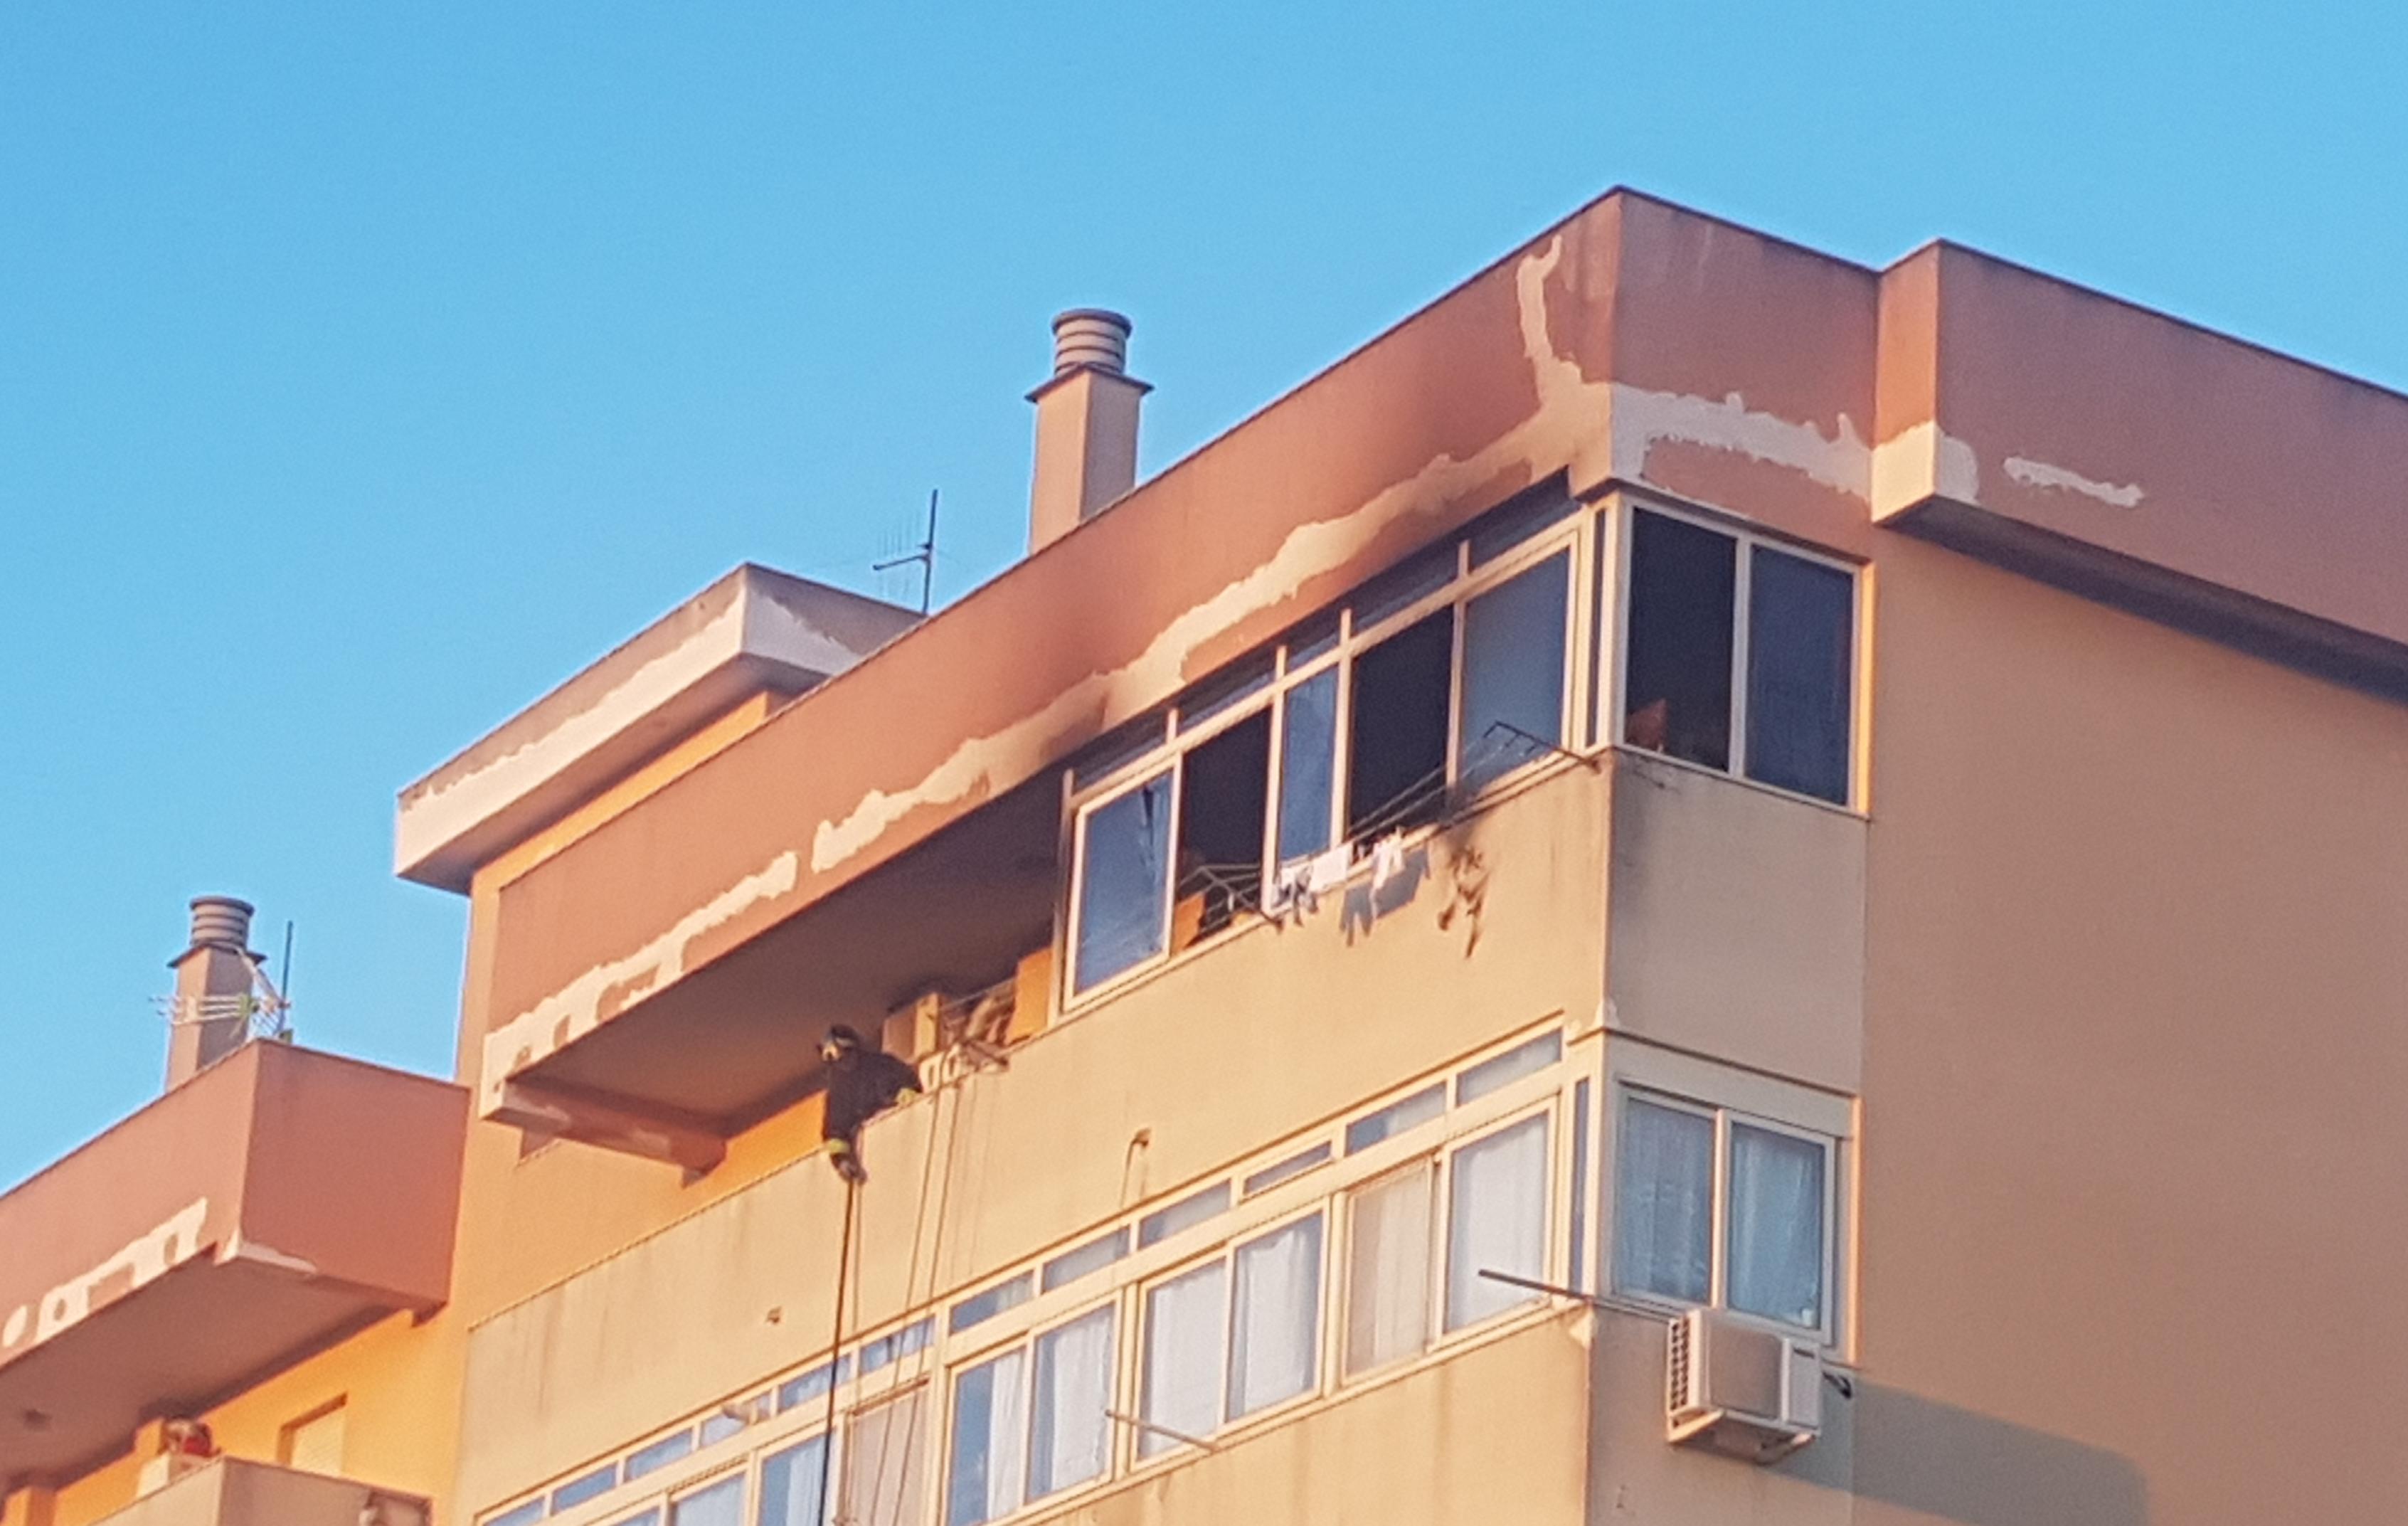 Fiamme da un appartamento. Paura in Via Ferrigno